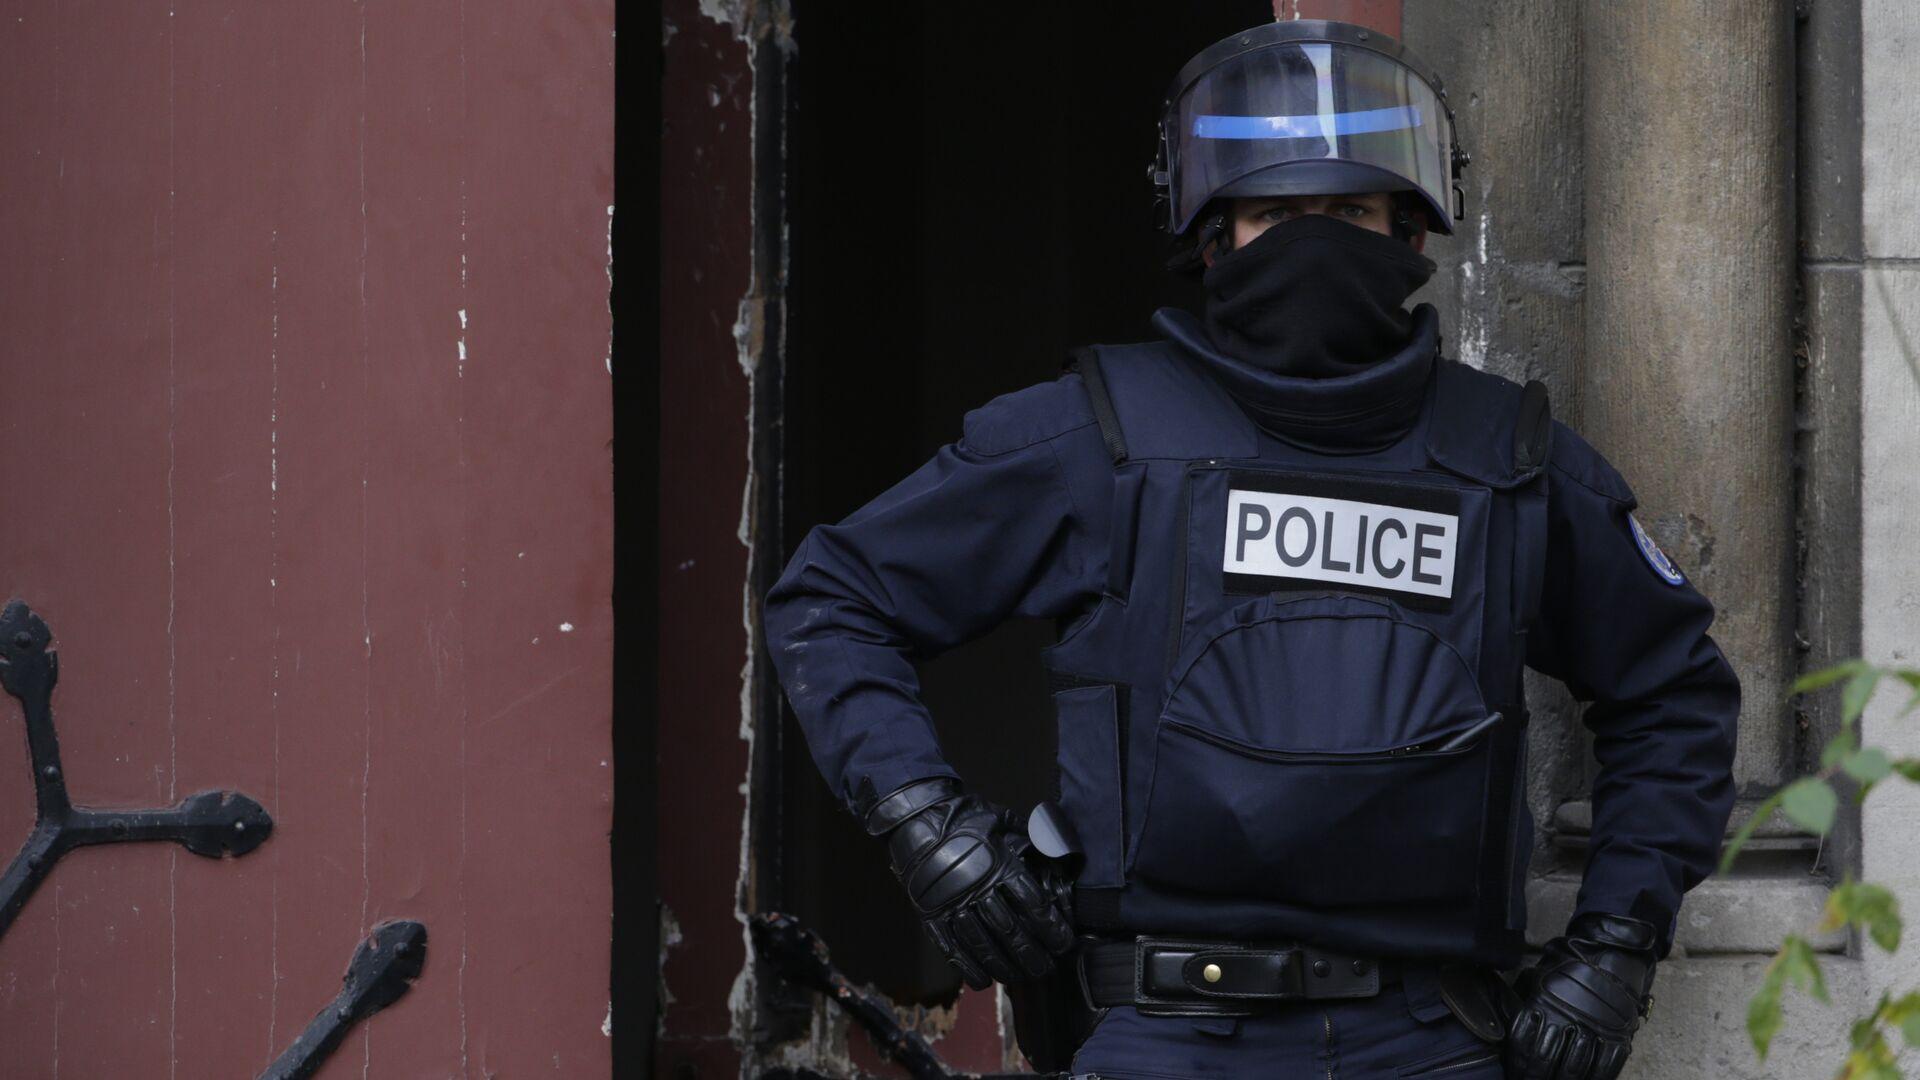 Un policía francés (imagen referencial) - Sputnik Mundo, 1920, 12.04.2021